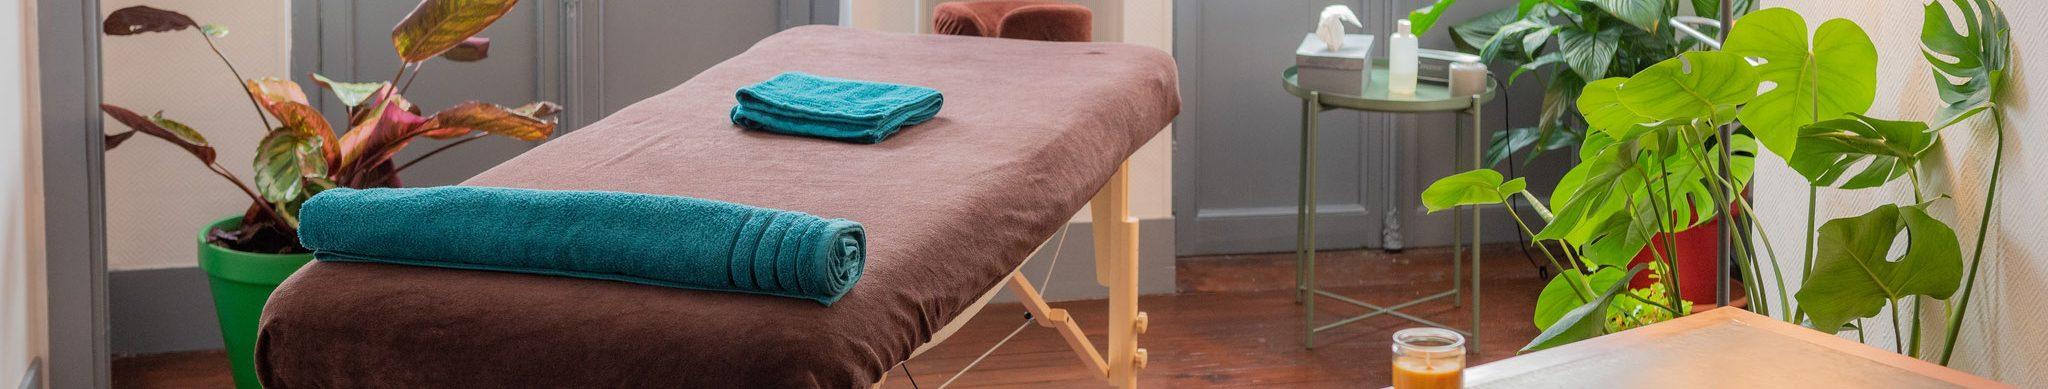 La dimension de la table de massage - image